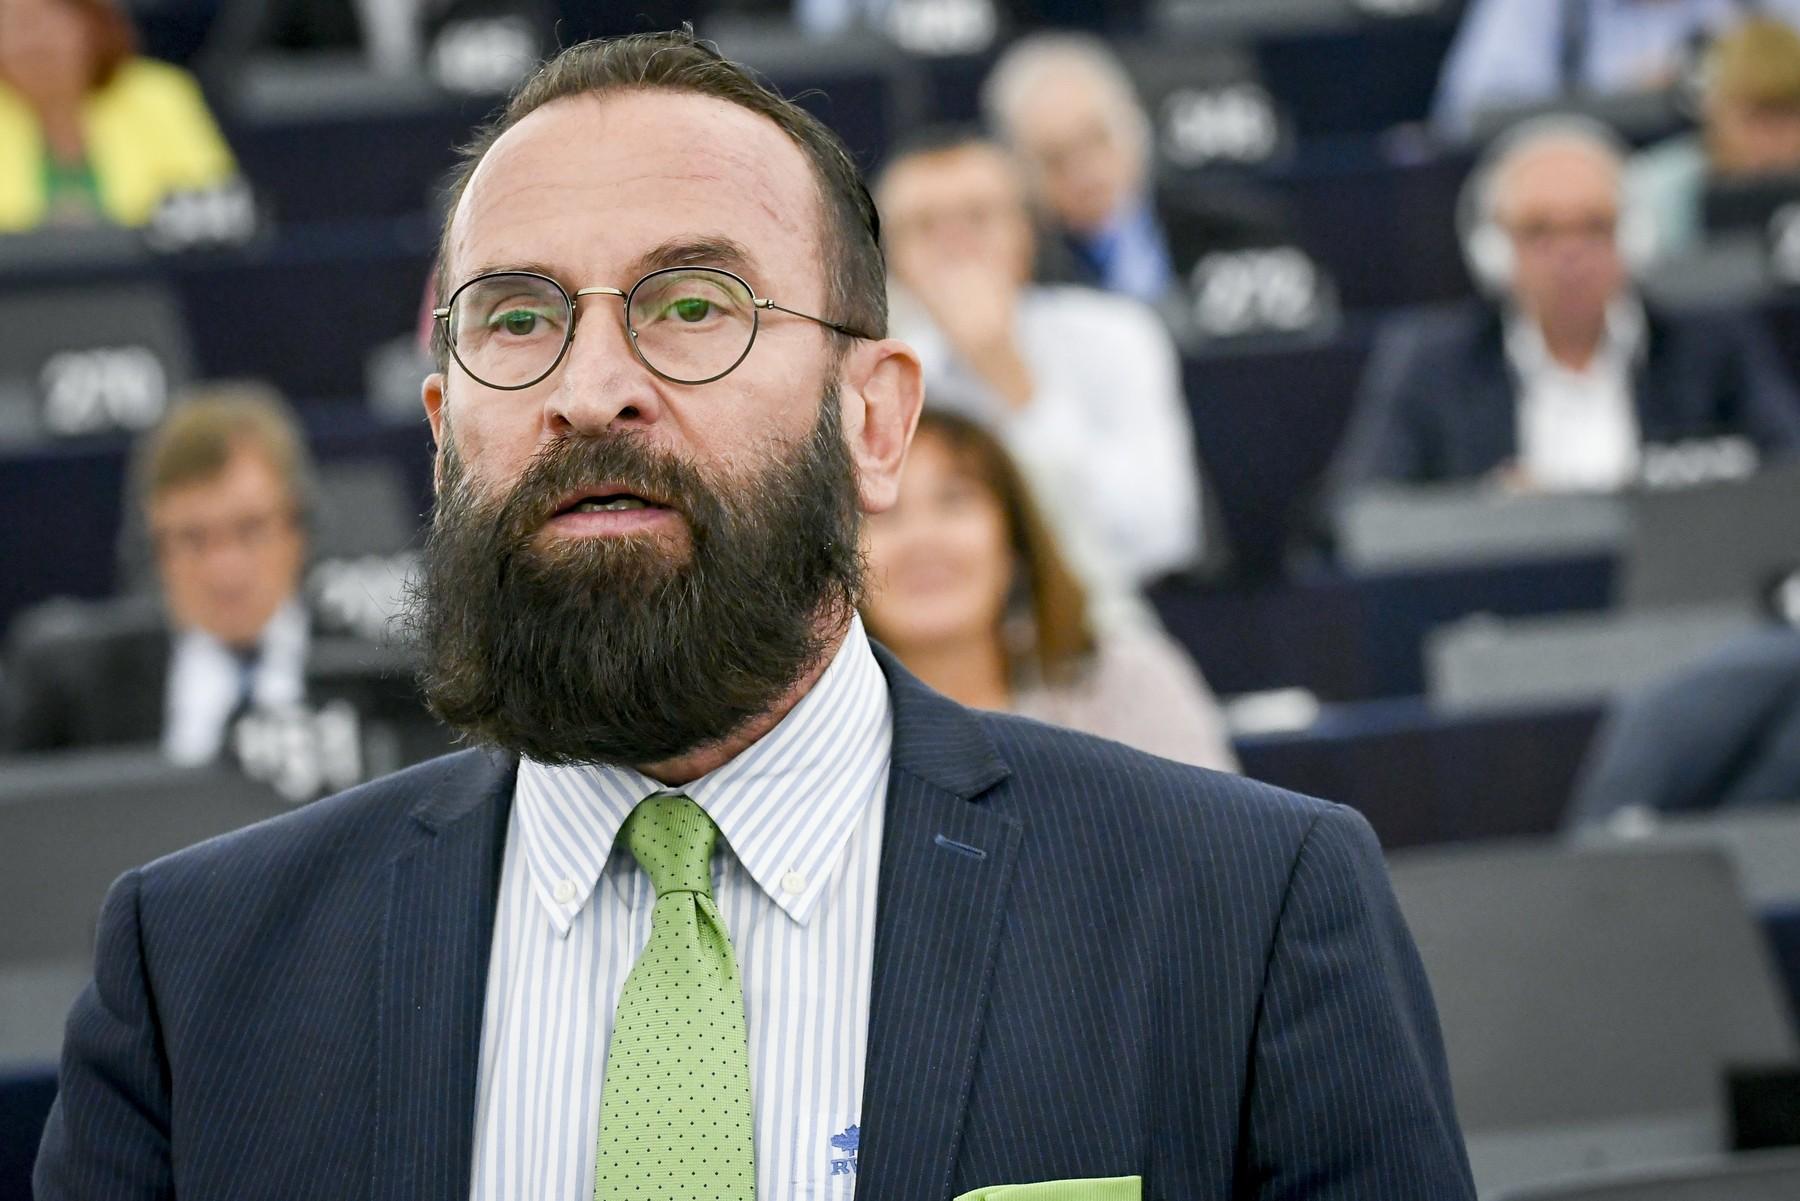 Cine e eurodeputatul prins de polițiști în timp ce participa la orgia de la Bruxelles? Acesta și-a anunțat demisia